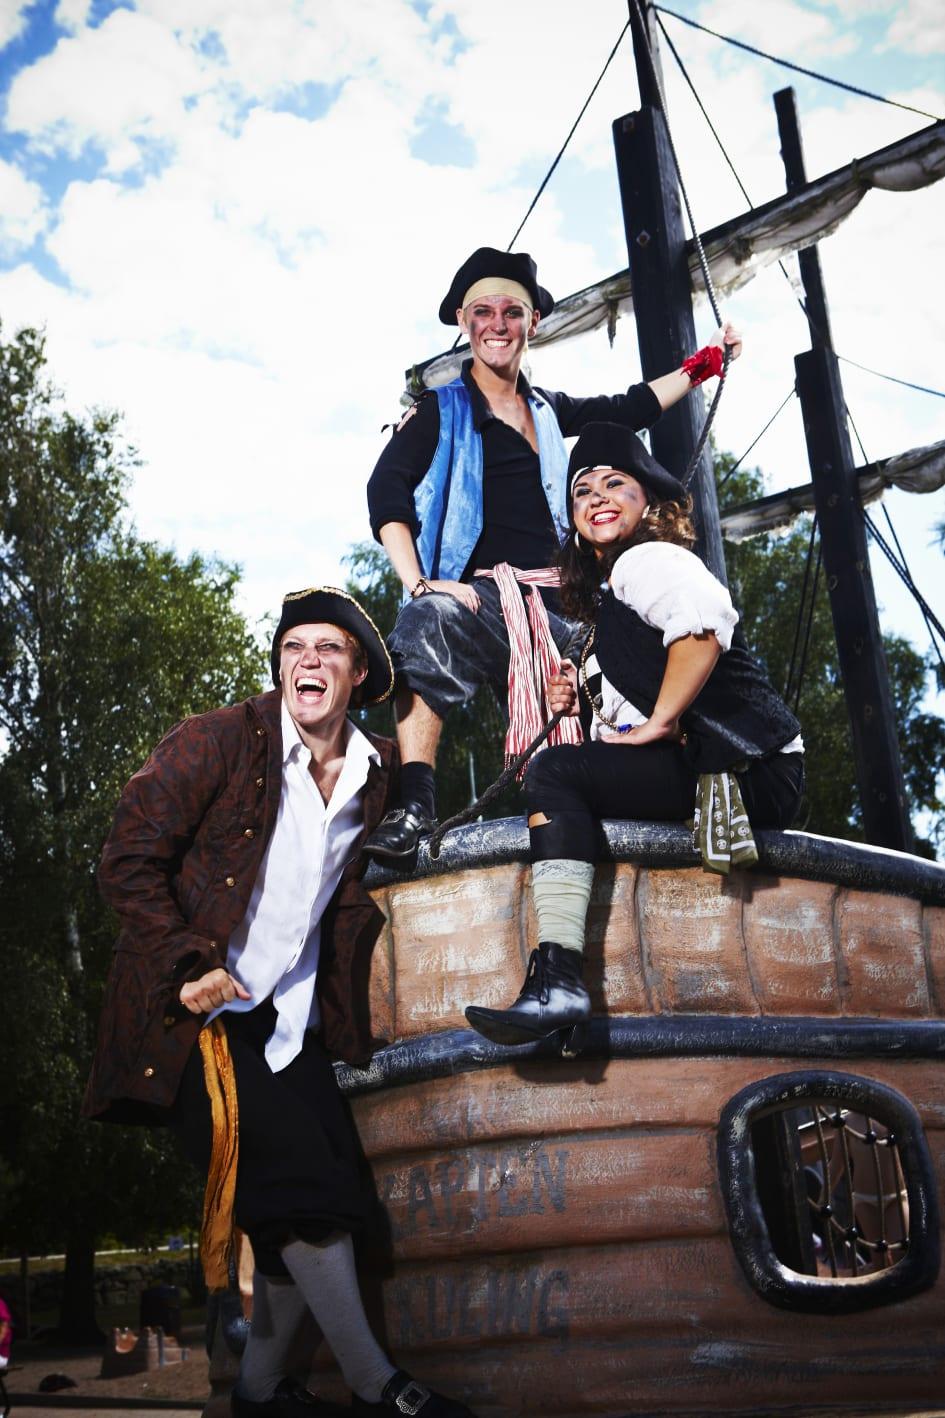 Nu intar piraterna kommunerna